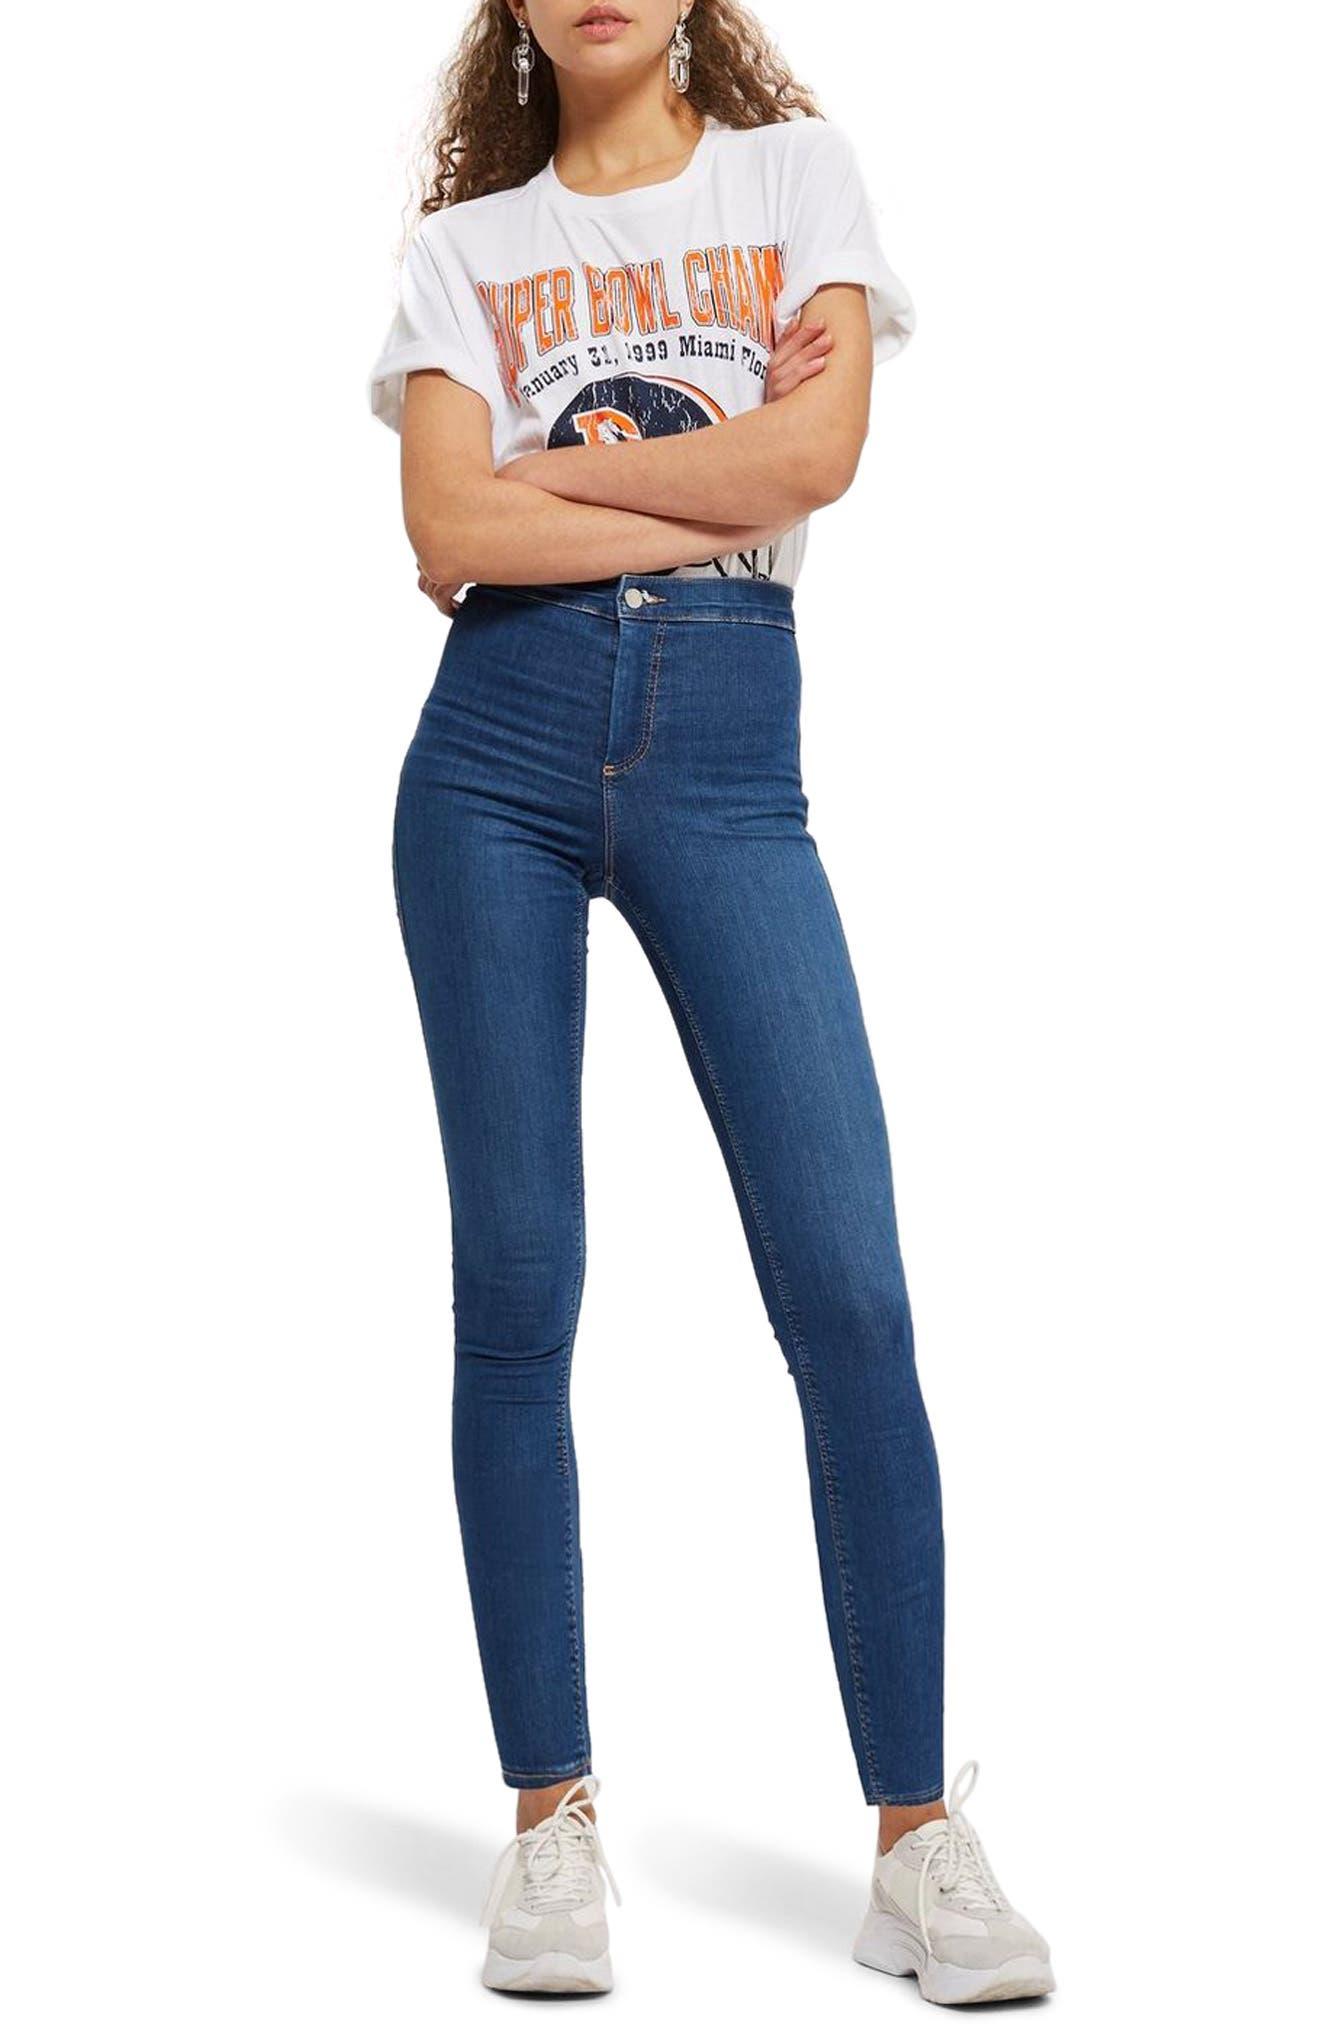 TOPSHOP, Moto Joni Skinny Jeans, Main thumbnail 1, color, BLUE